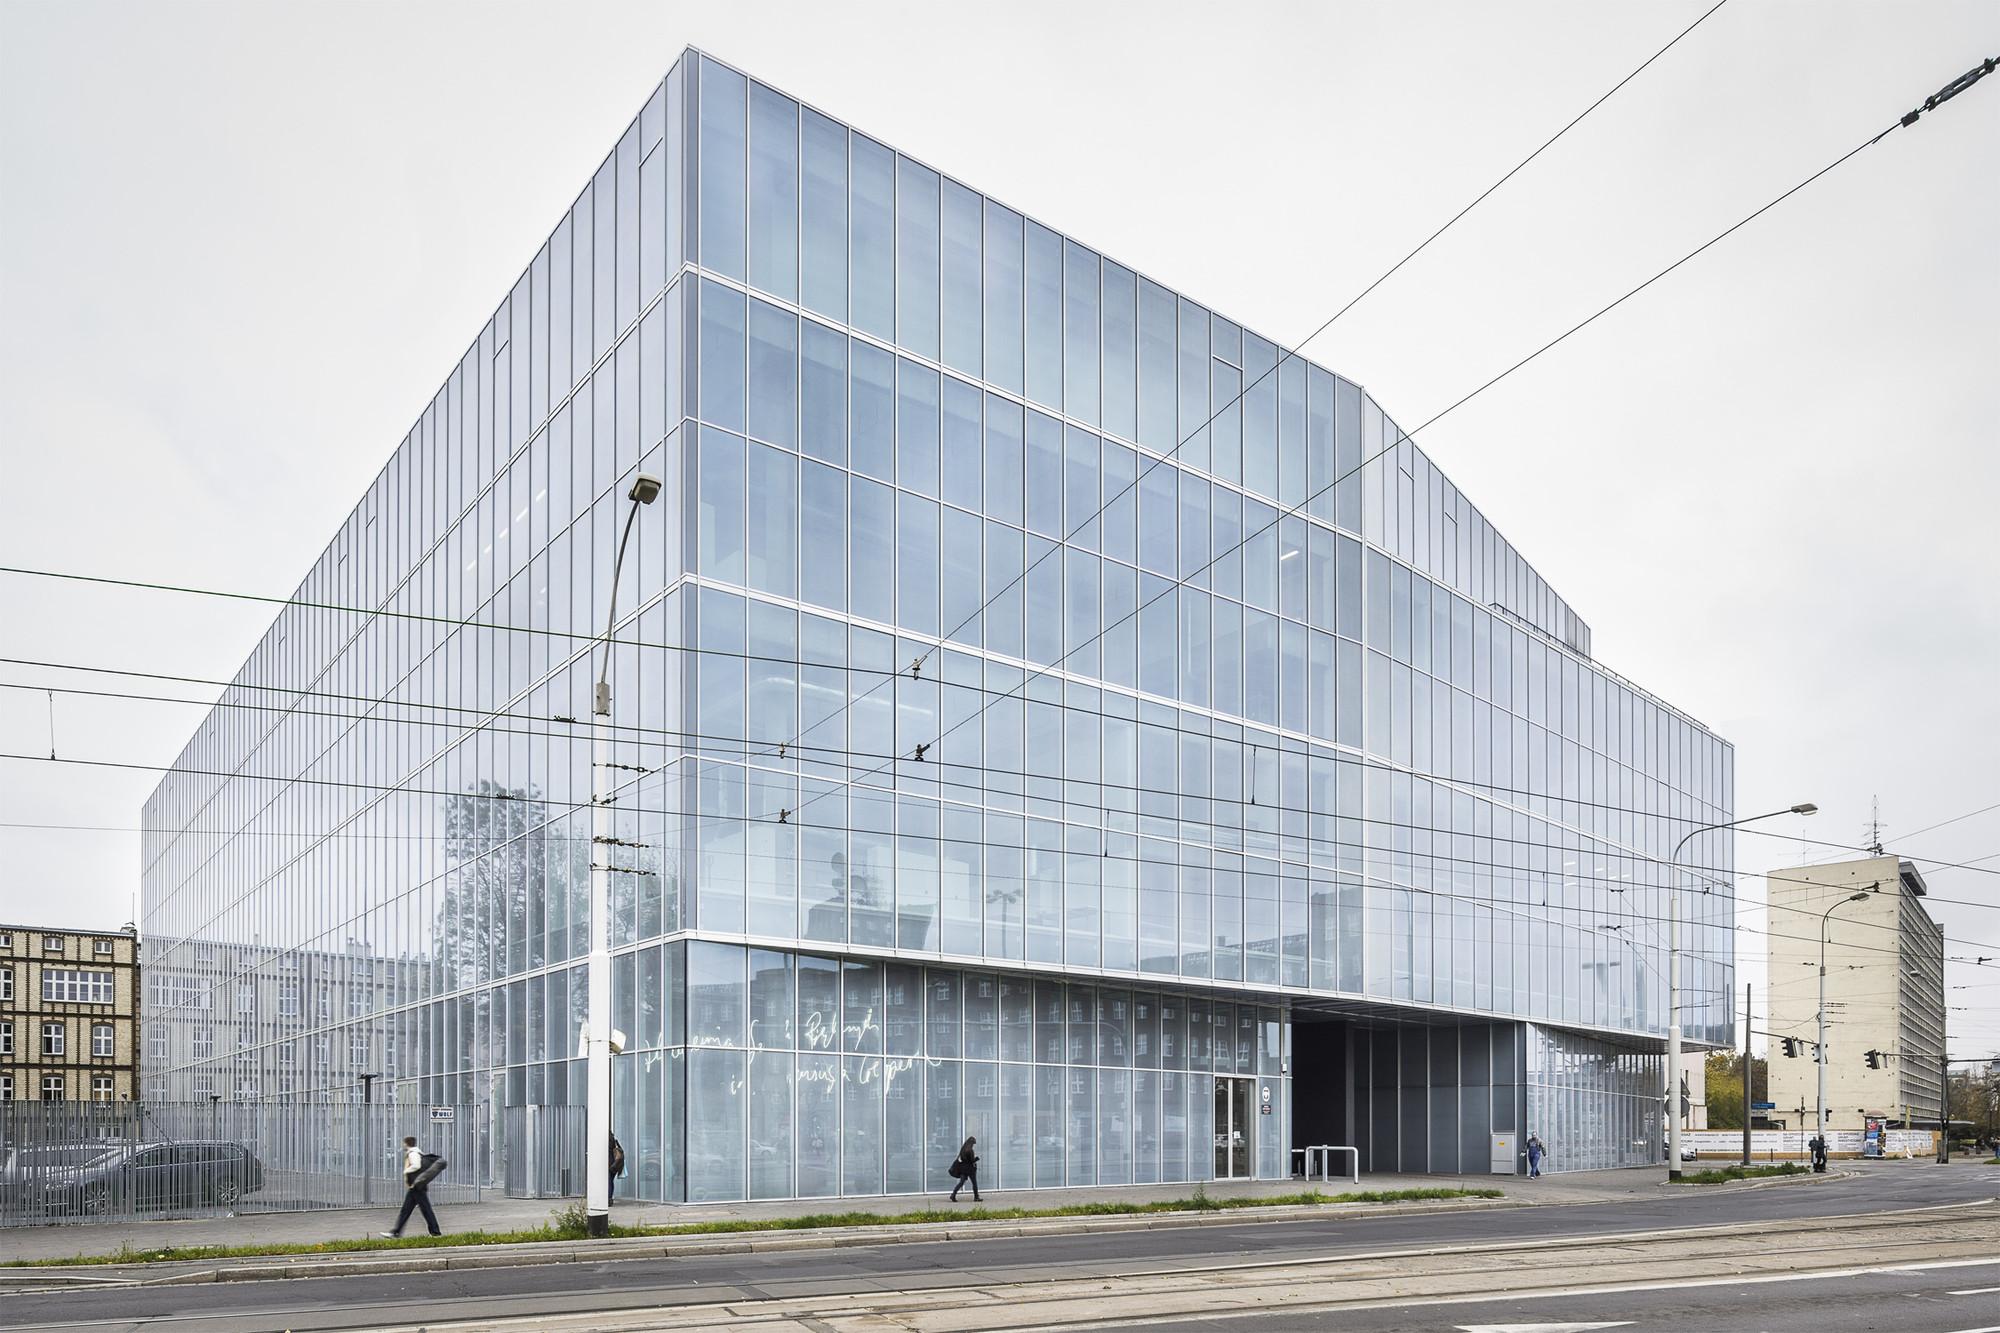 Academy Of Fine Arts Wroclaw / Pracownia Architektury Glowacki, Courtesy of Pracownia Architektury Glowacki